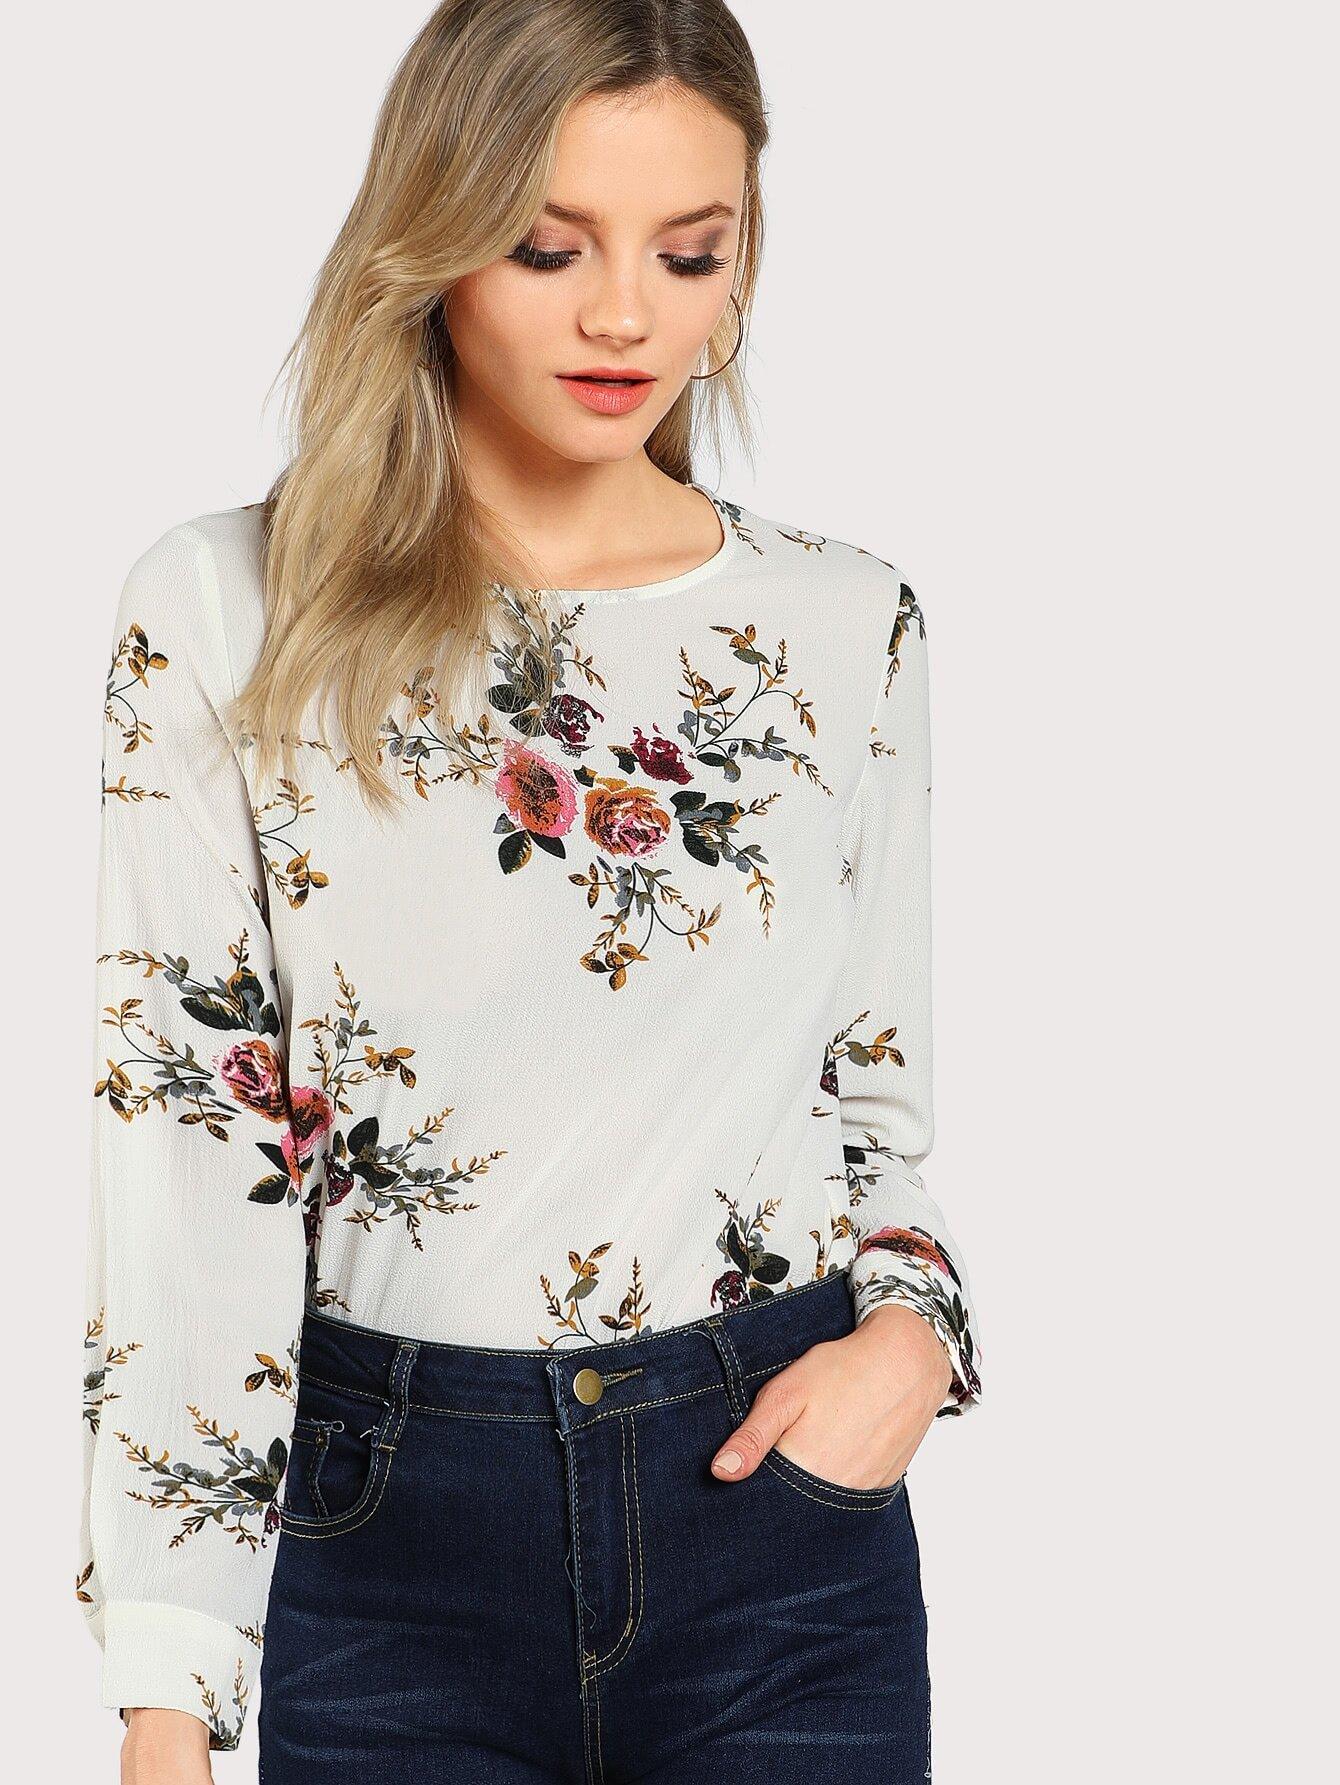 Купить Модная асимметричная блуза с цветочным принтом, Alanna Whittaker, SheIn